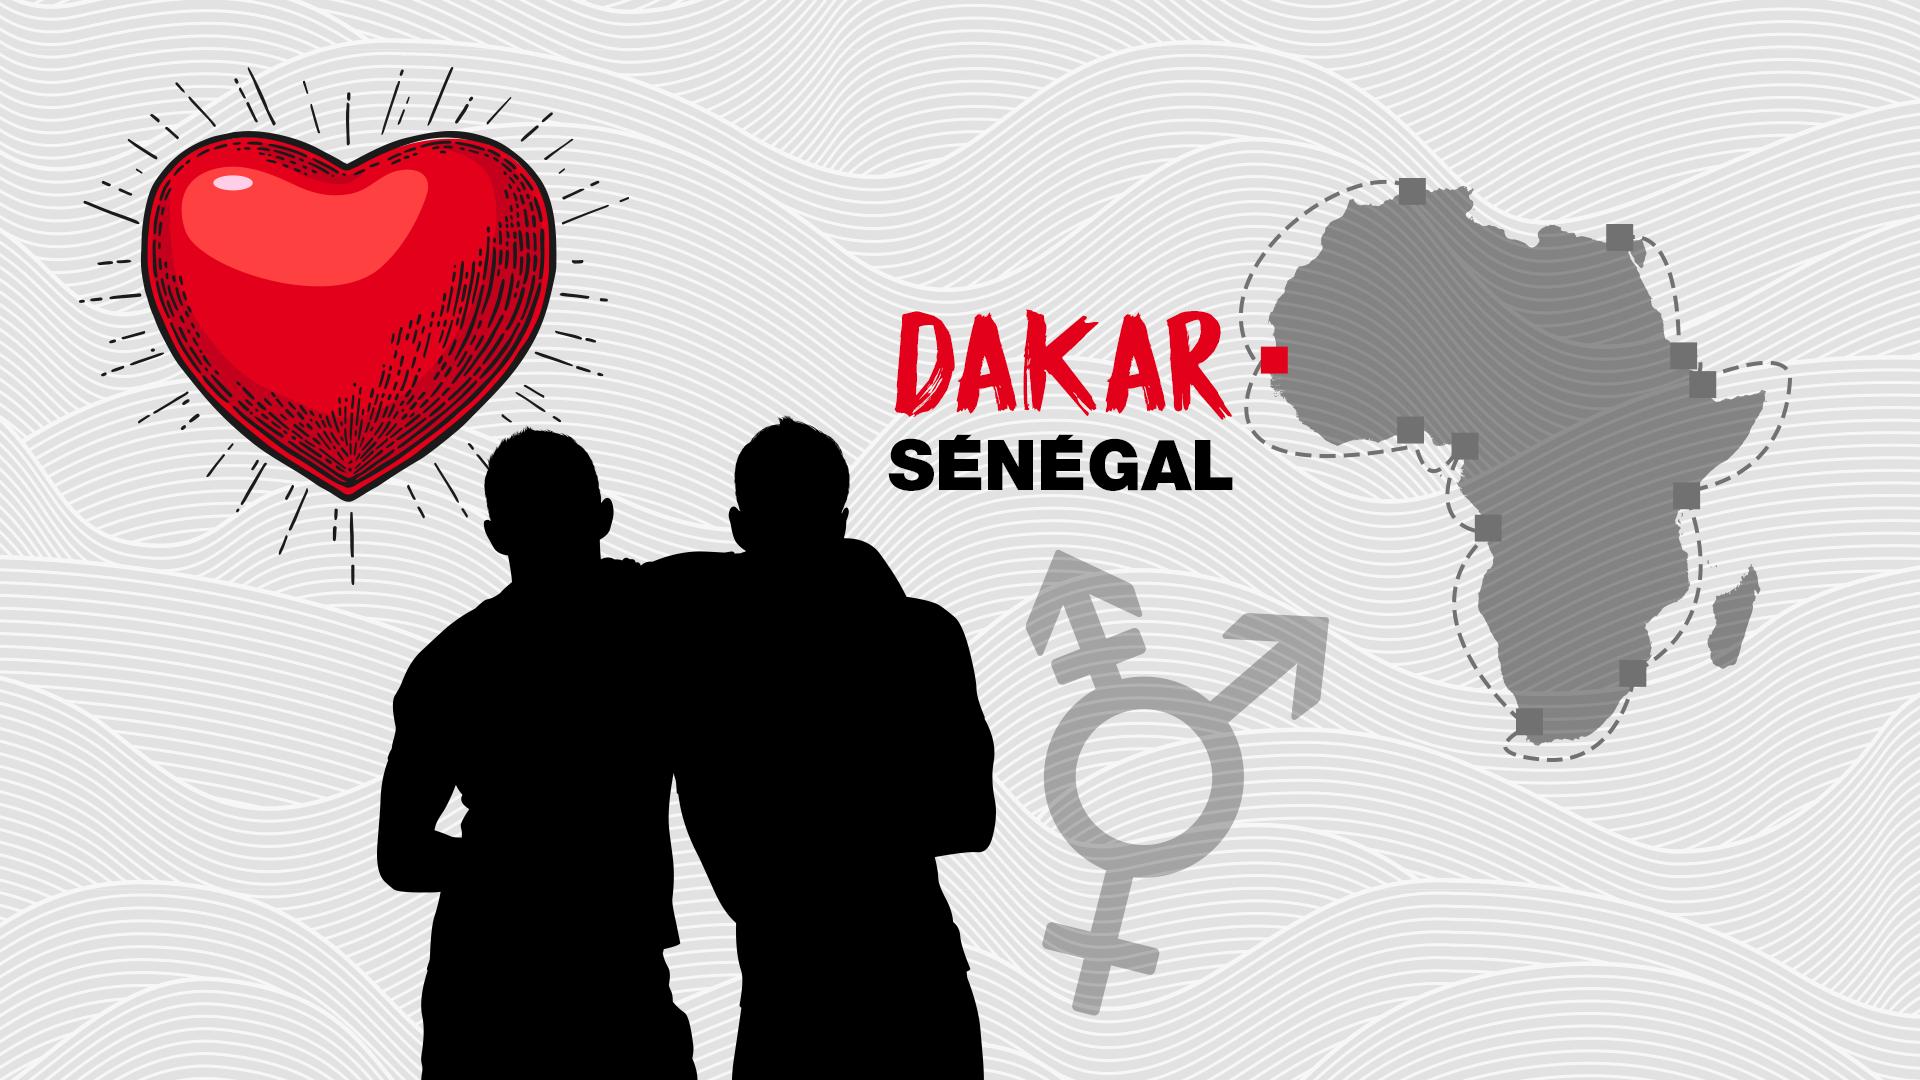 Dakar, la capitale du Sénégal.